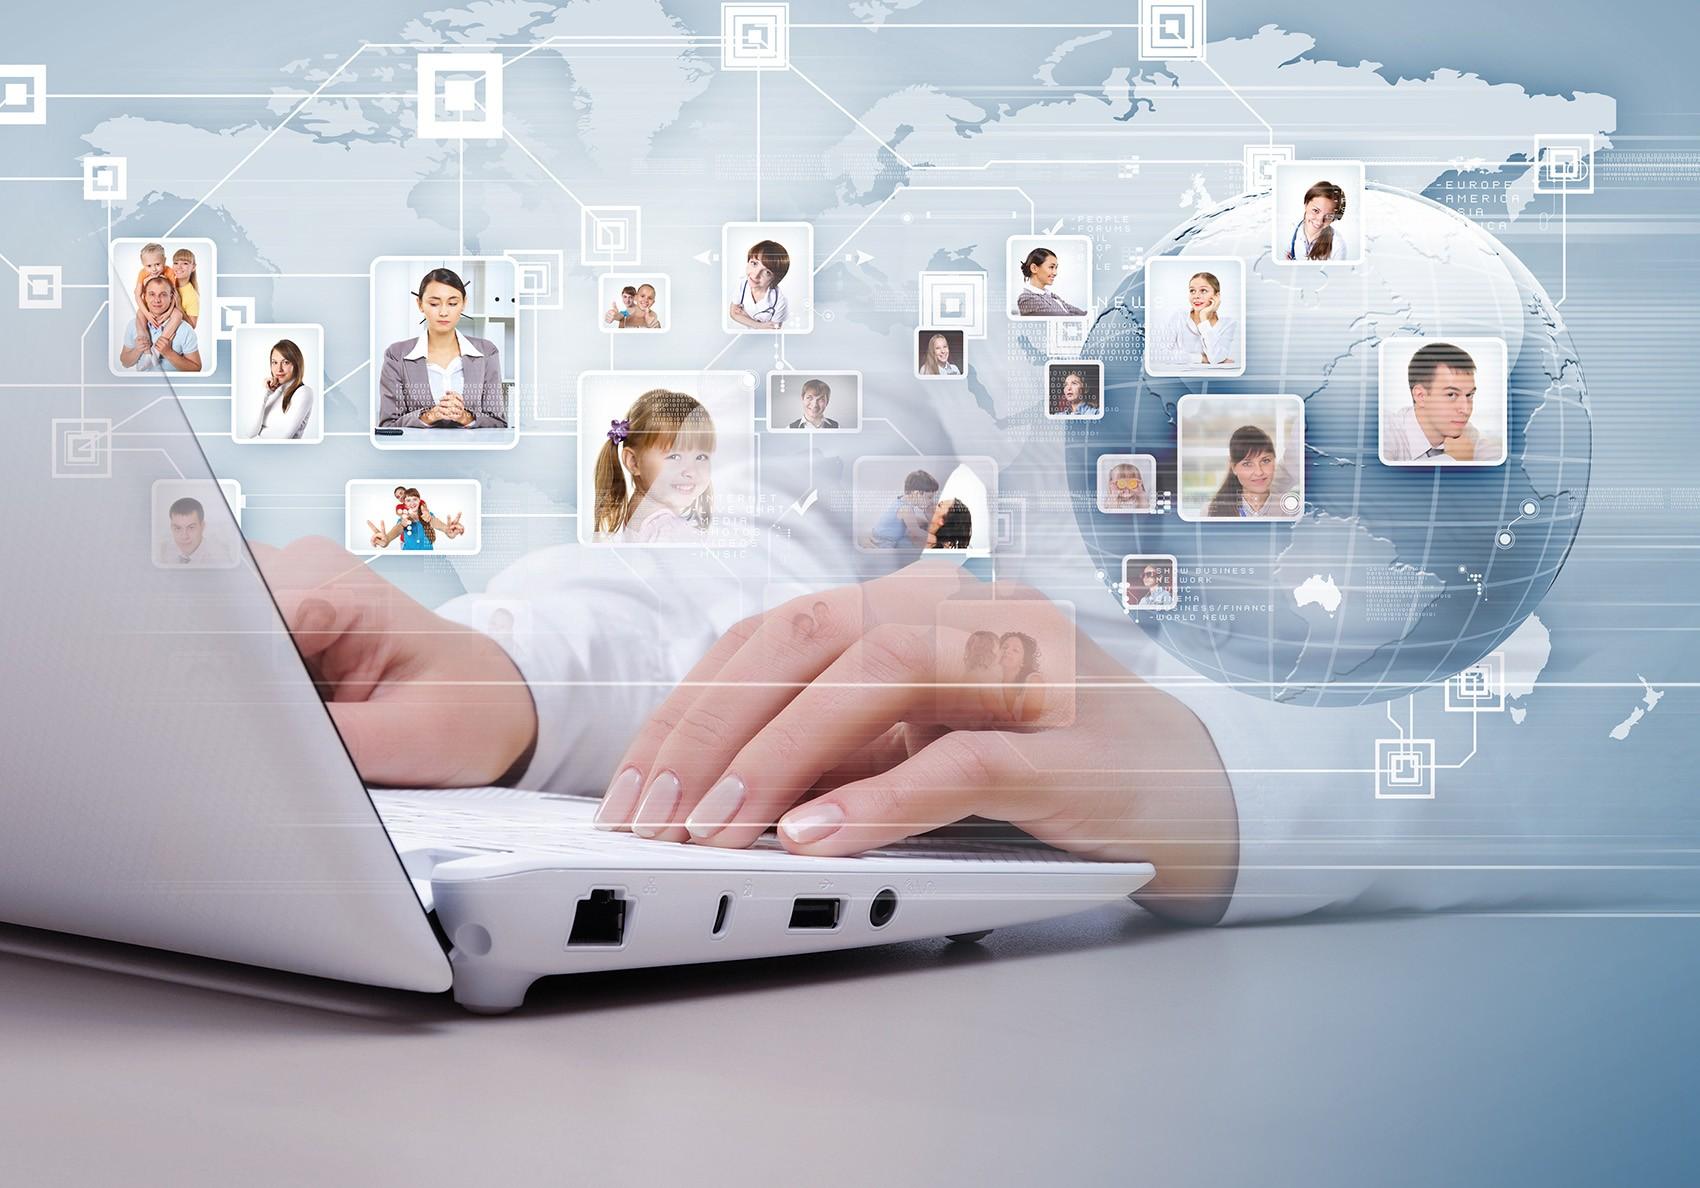 Жители России  проводят в социальных сетях  около 30% всего времени вглобальной паутине  - исследование